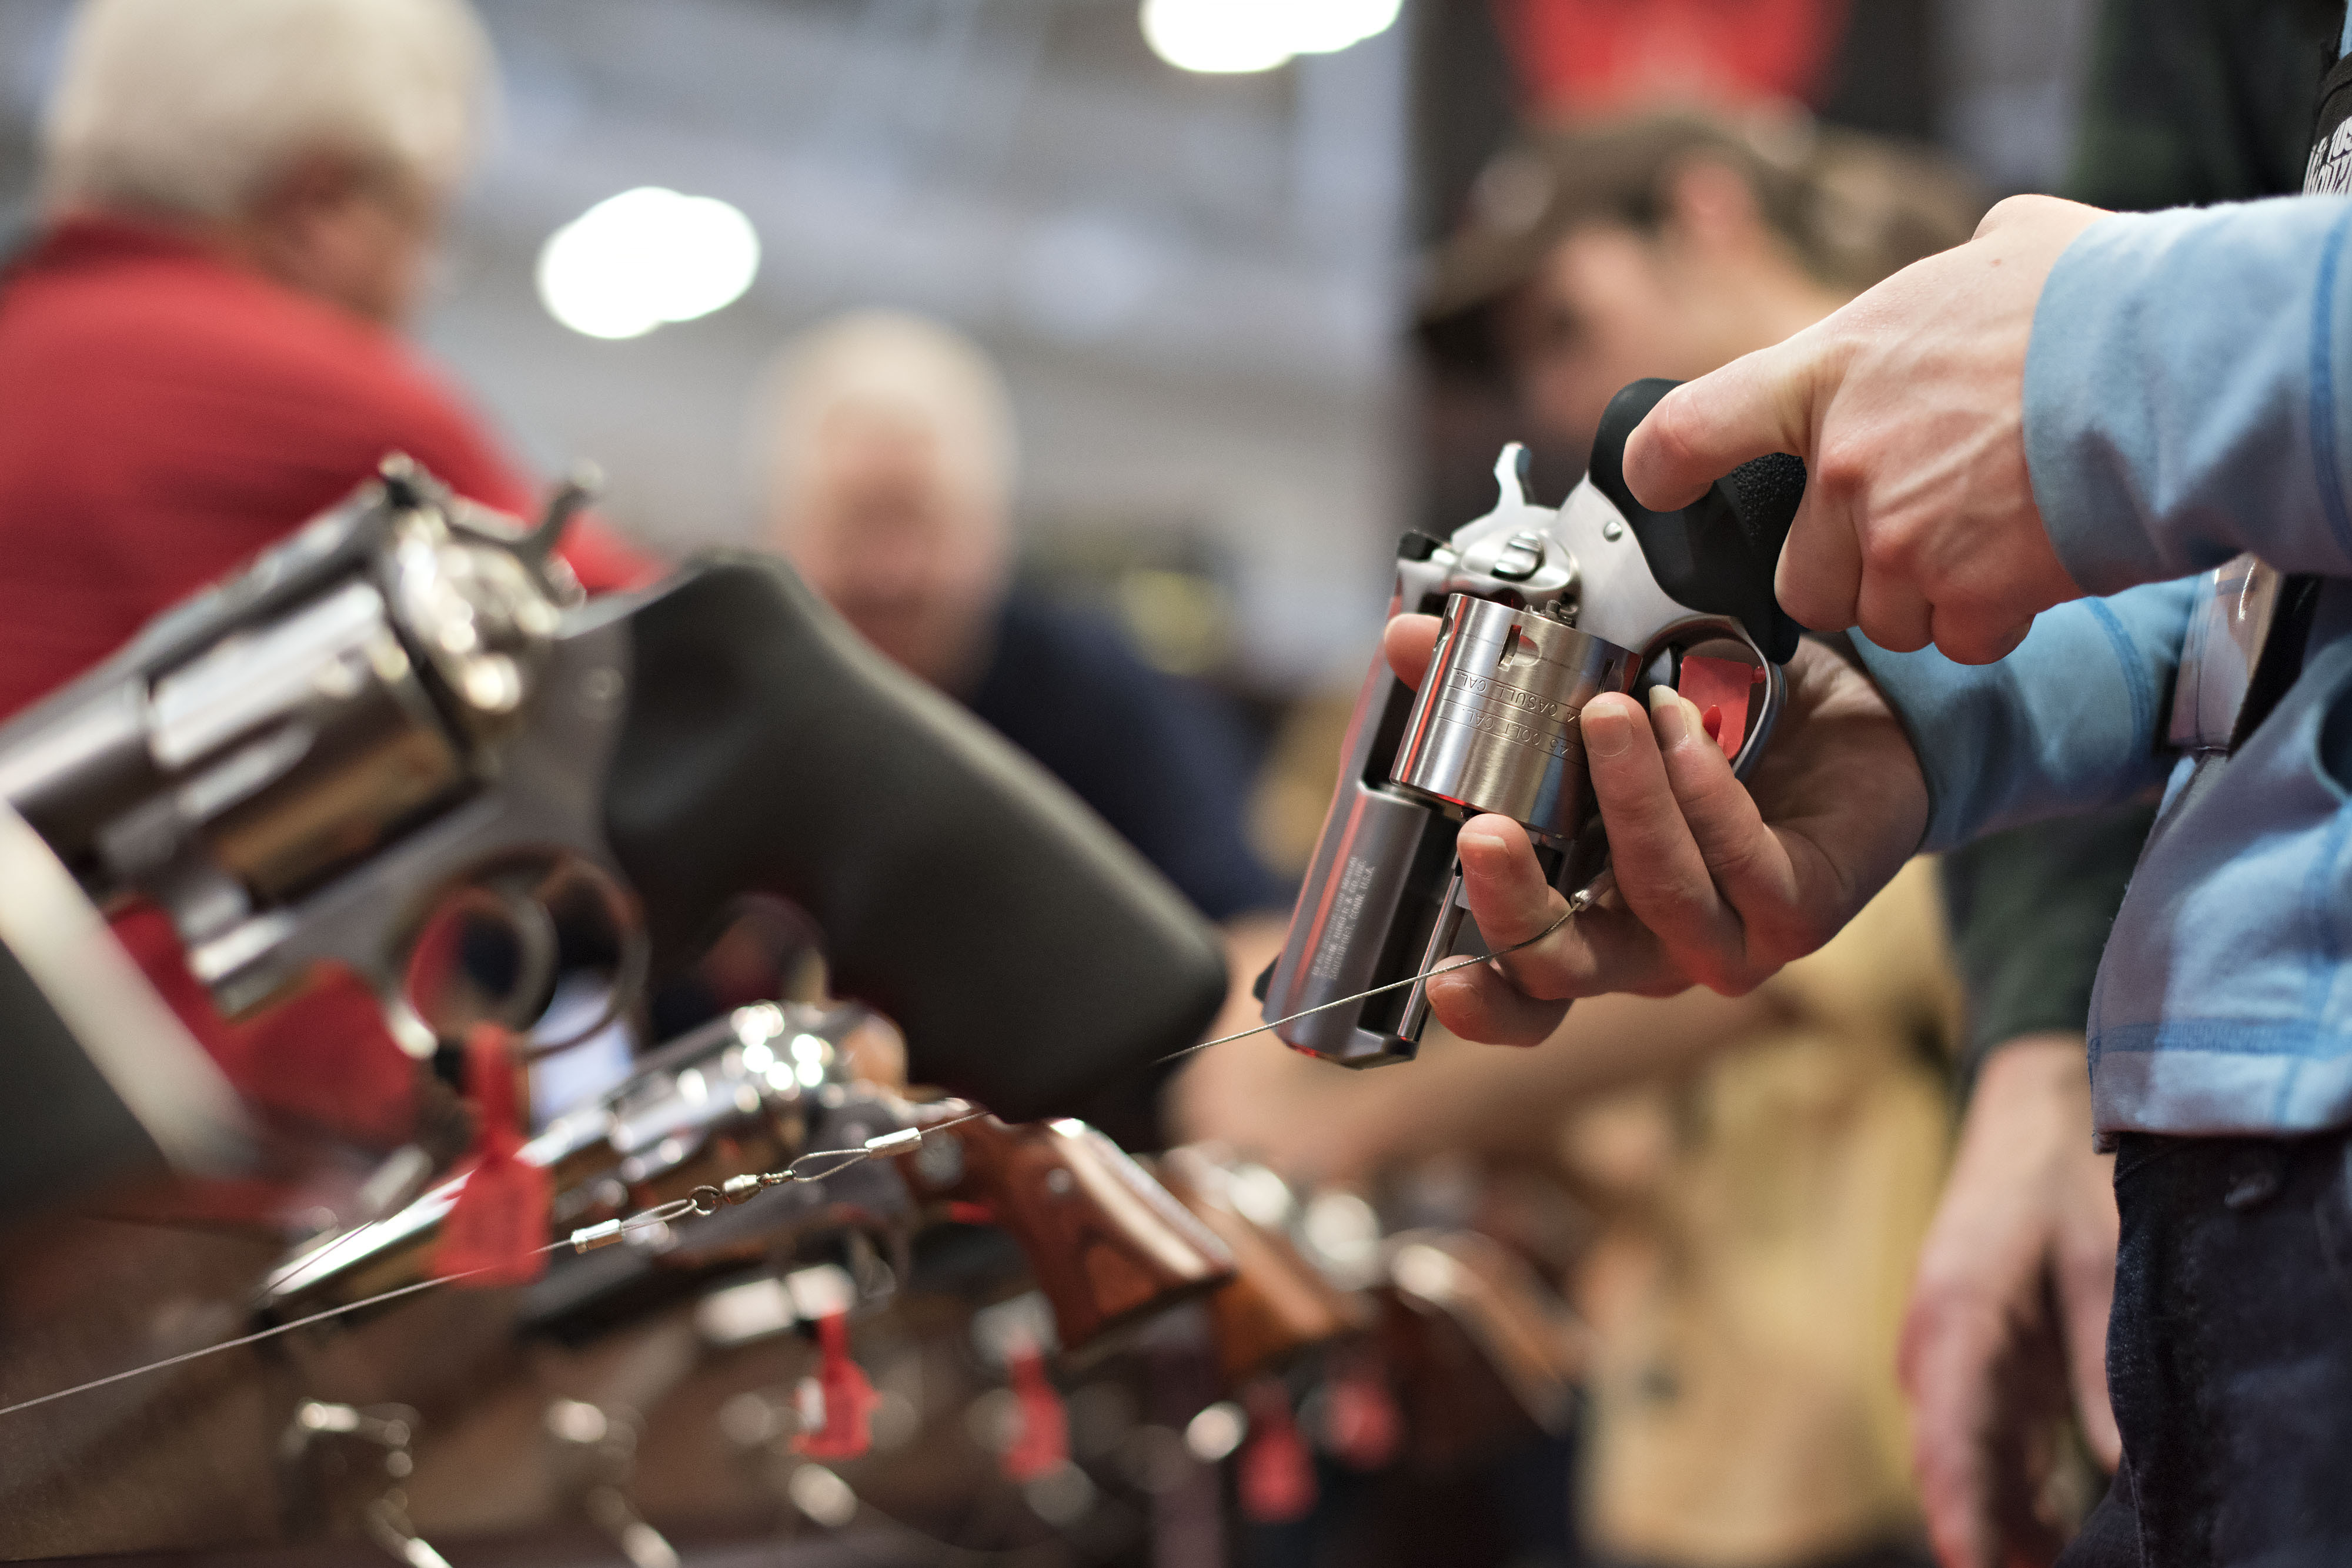 sturm ruger gun show